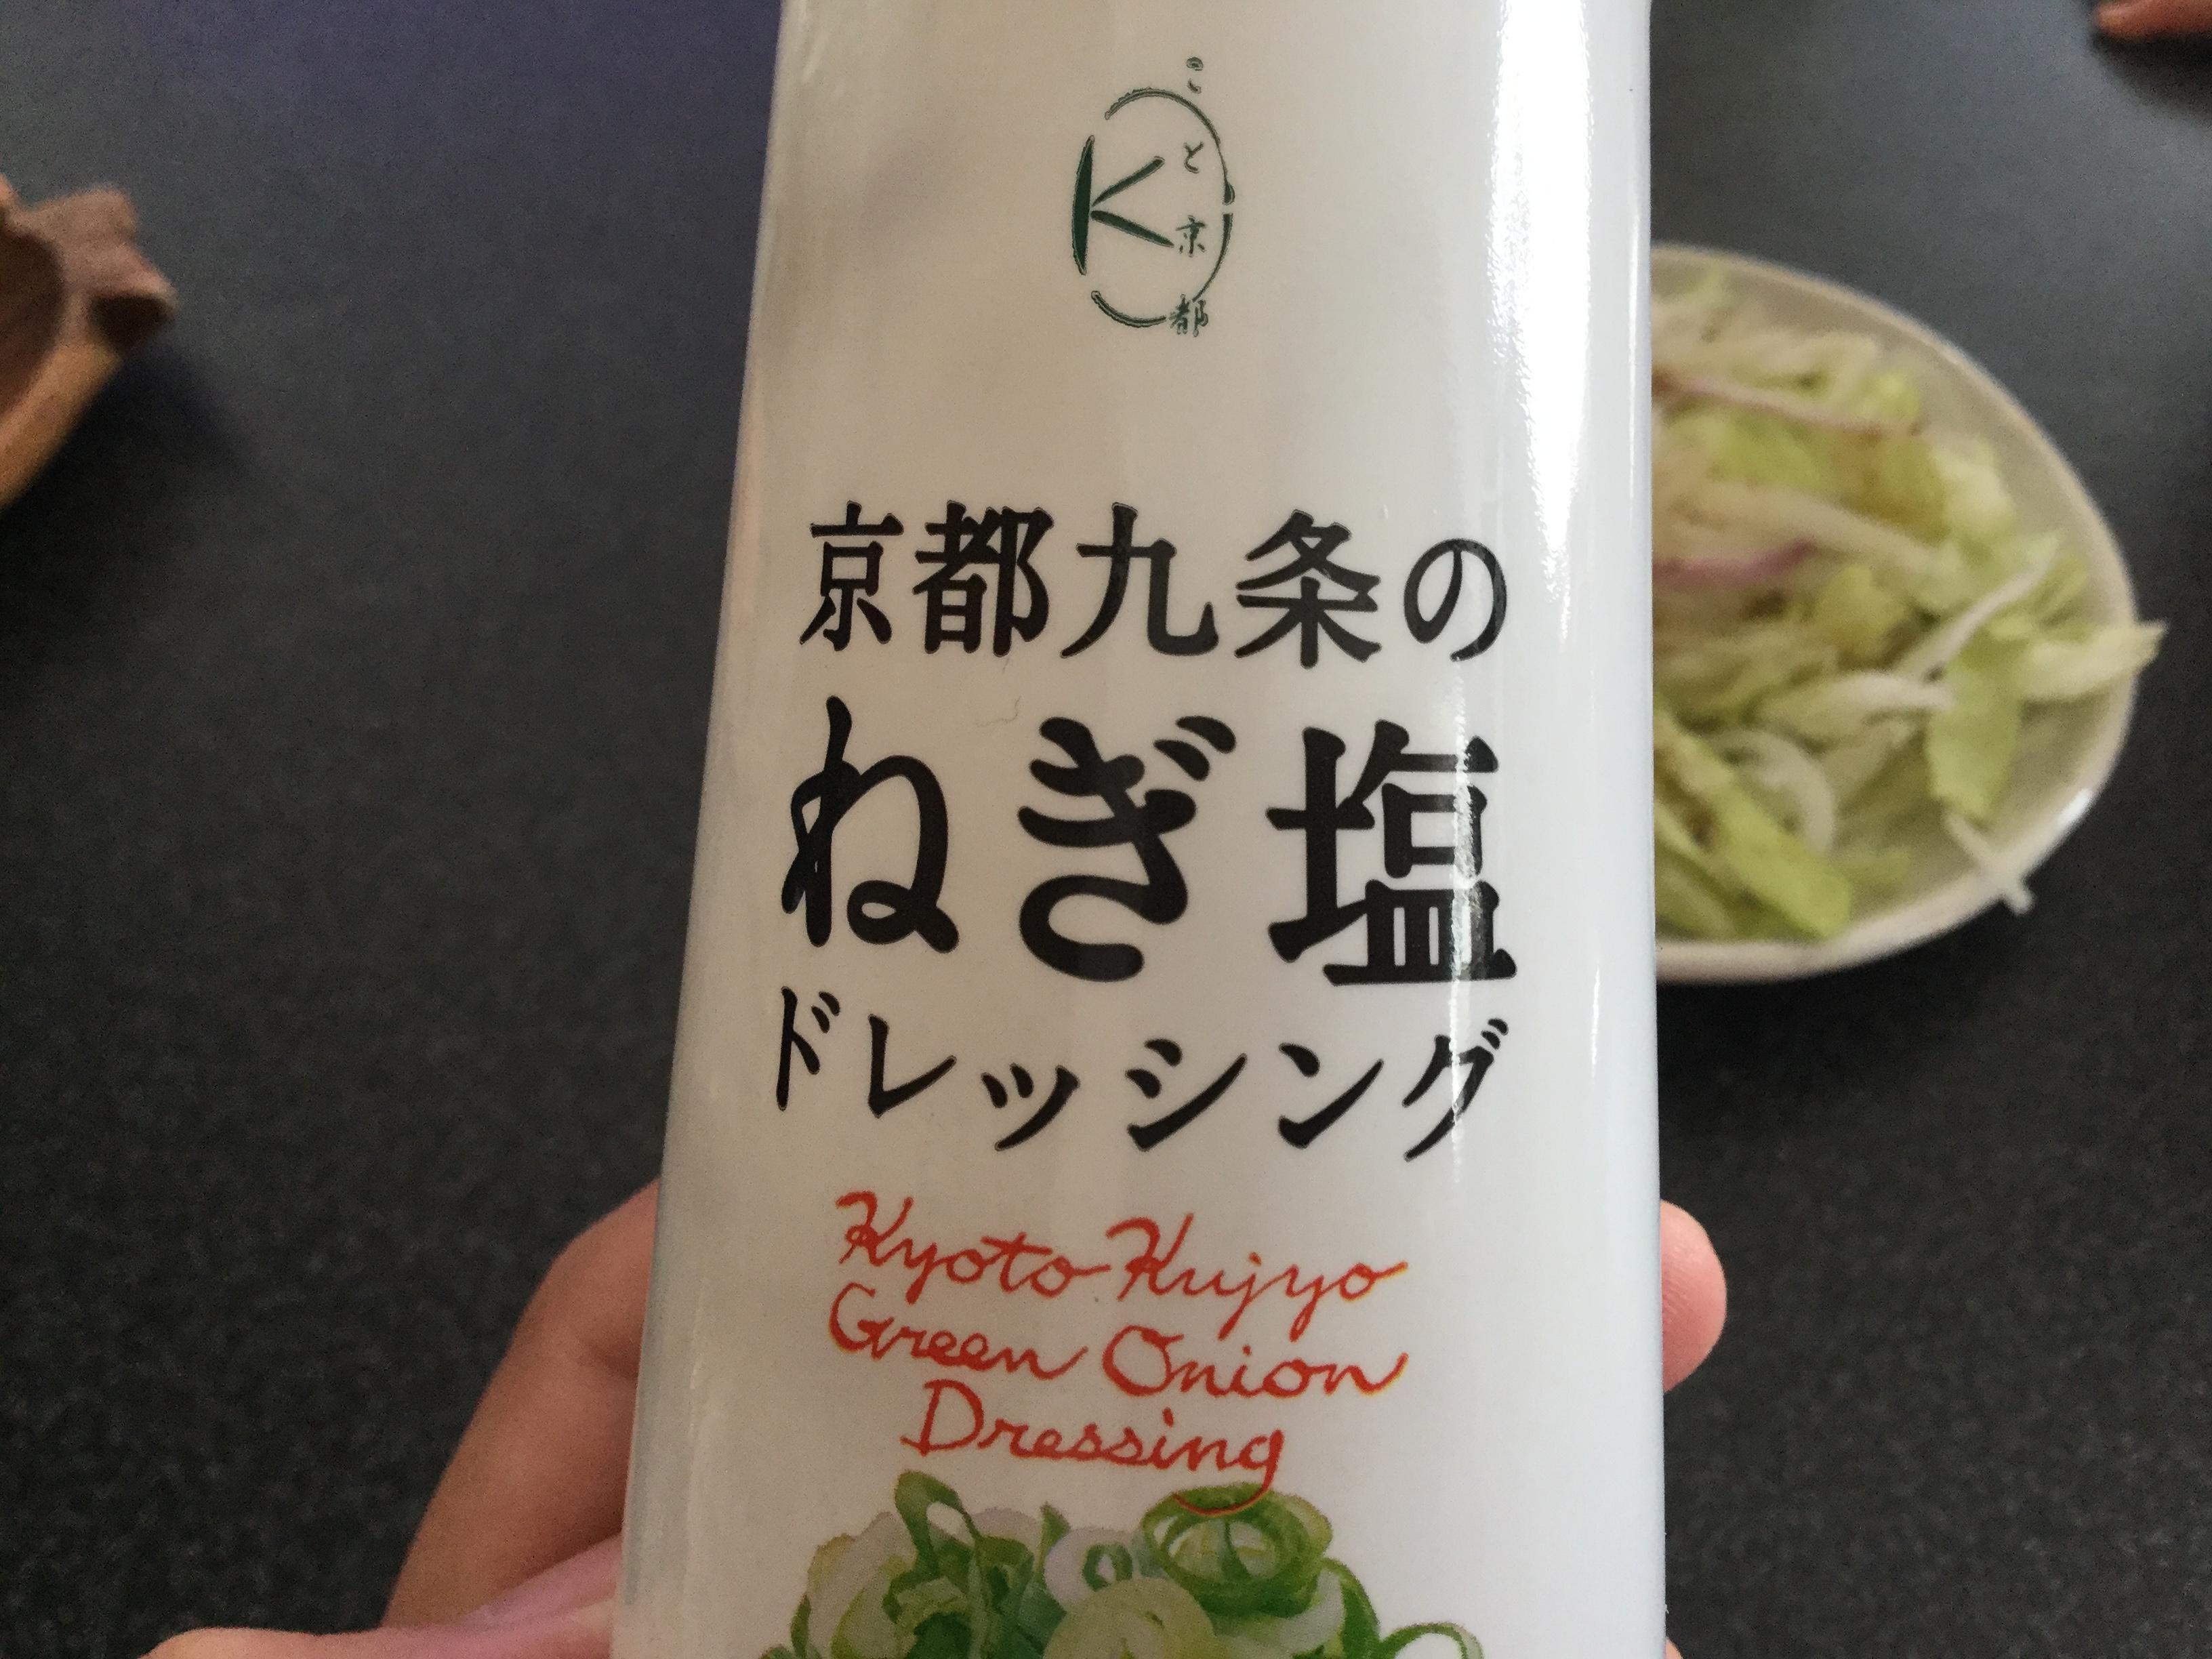 京都九条のねぎ塩ドレッシングを野菜にかけて食べると美味い!!